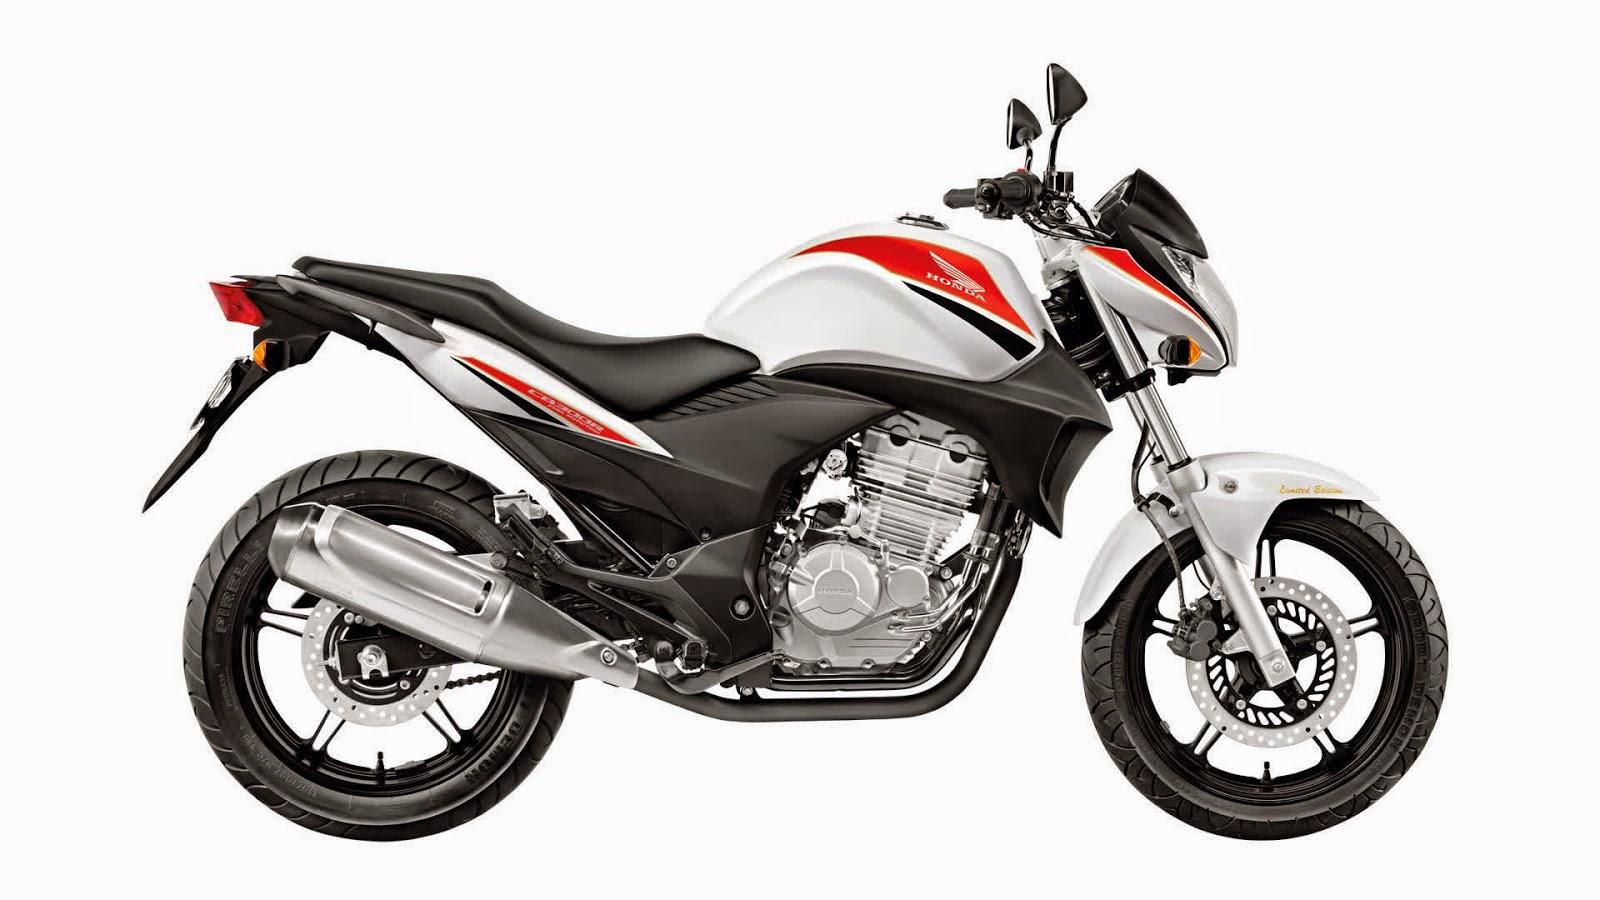 Daftar Harga Motor Honda Tiger Free Modifikasi Motor